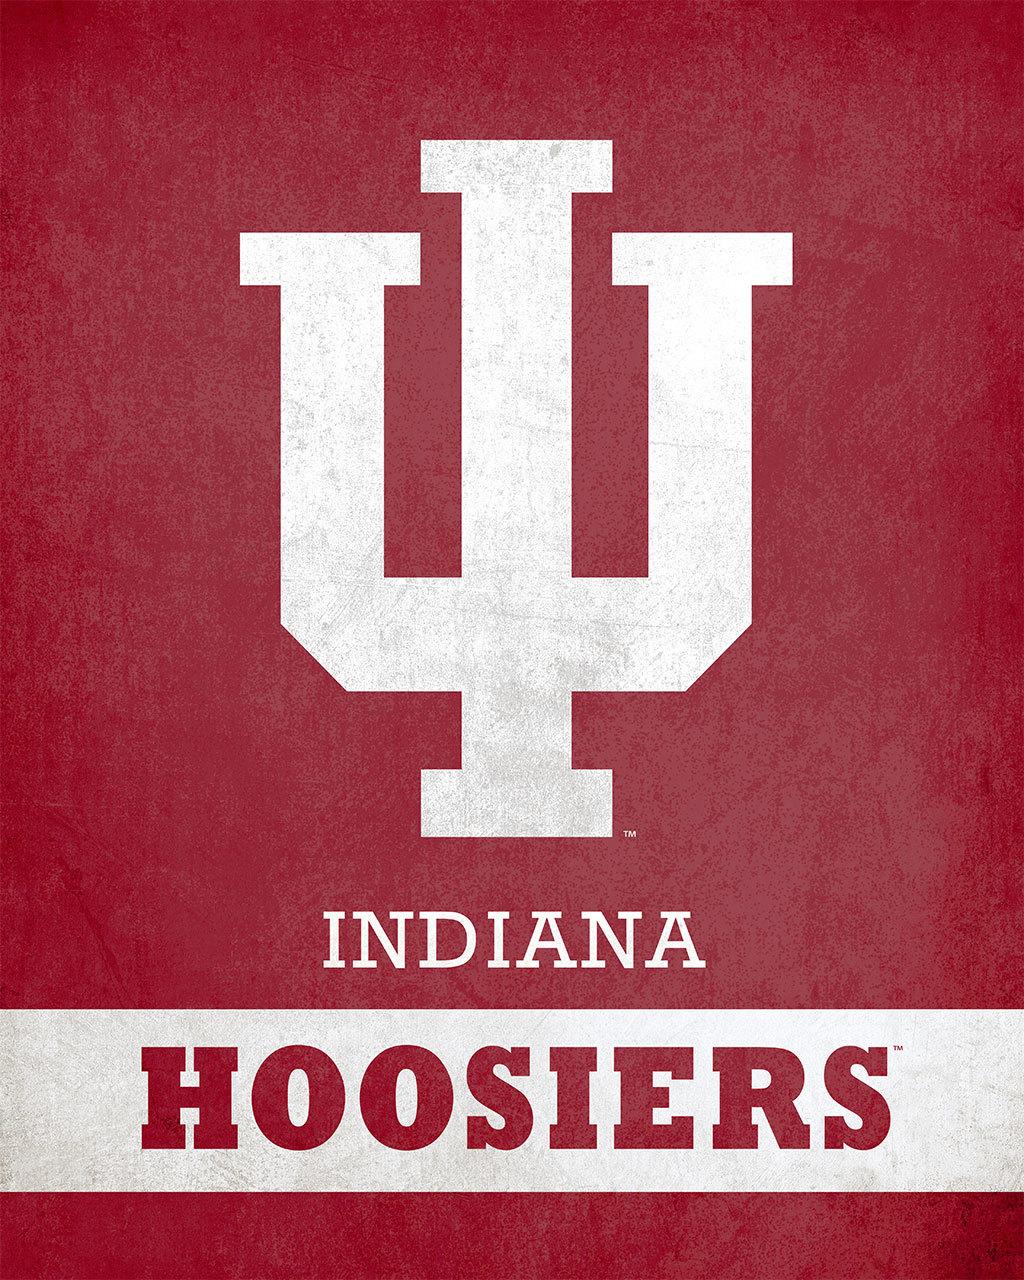 Indiana Hoosiers Pride Logo.